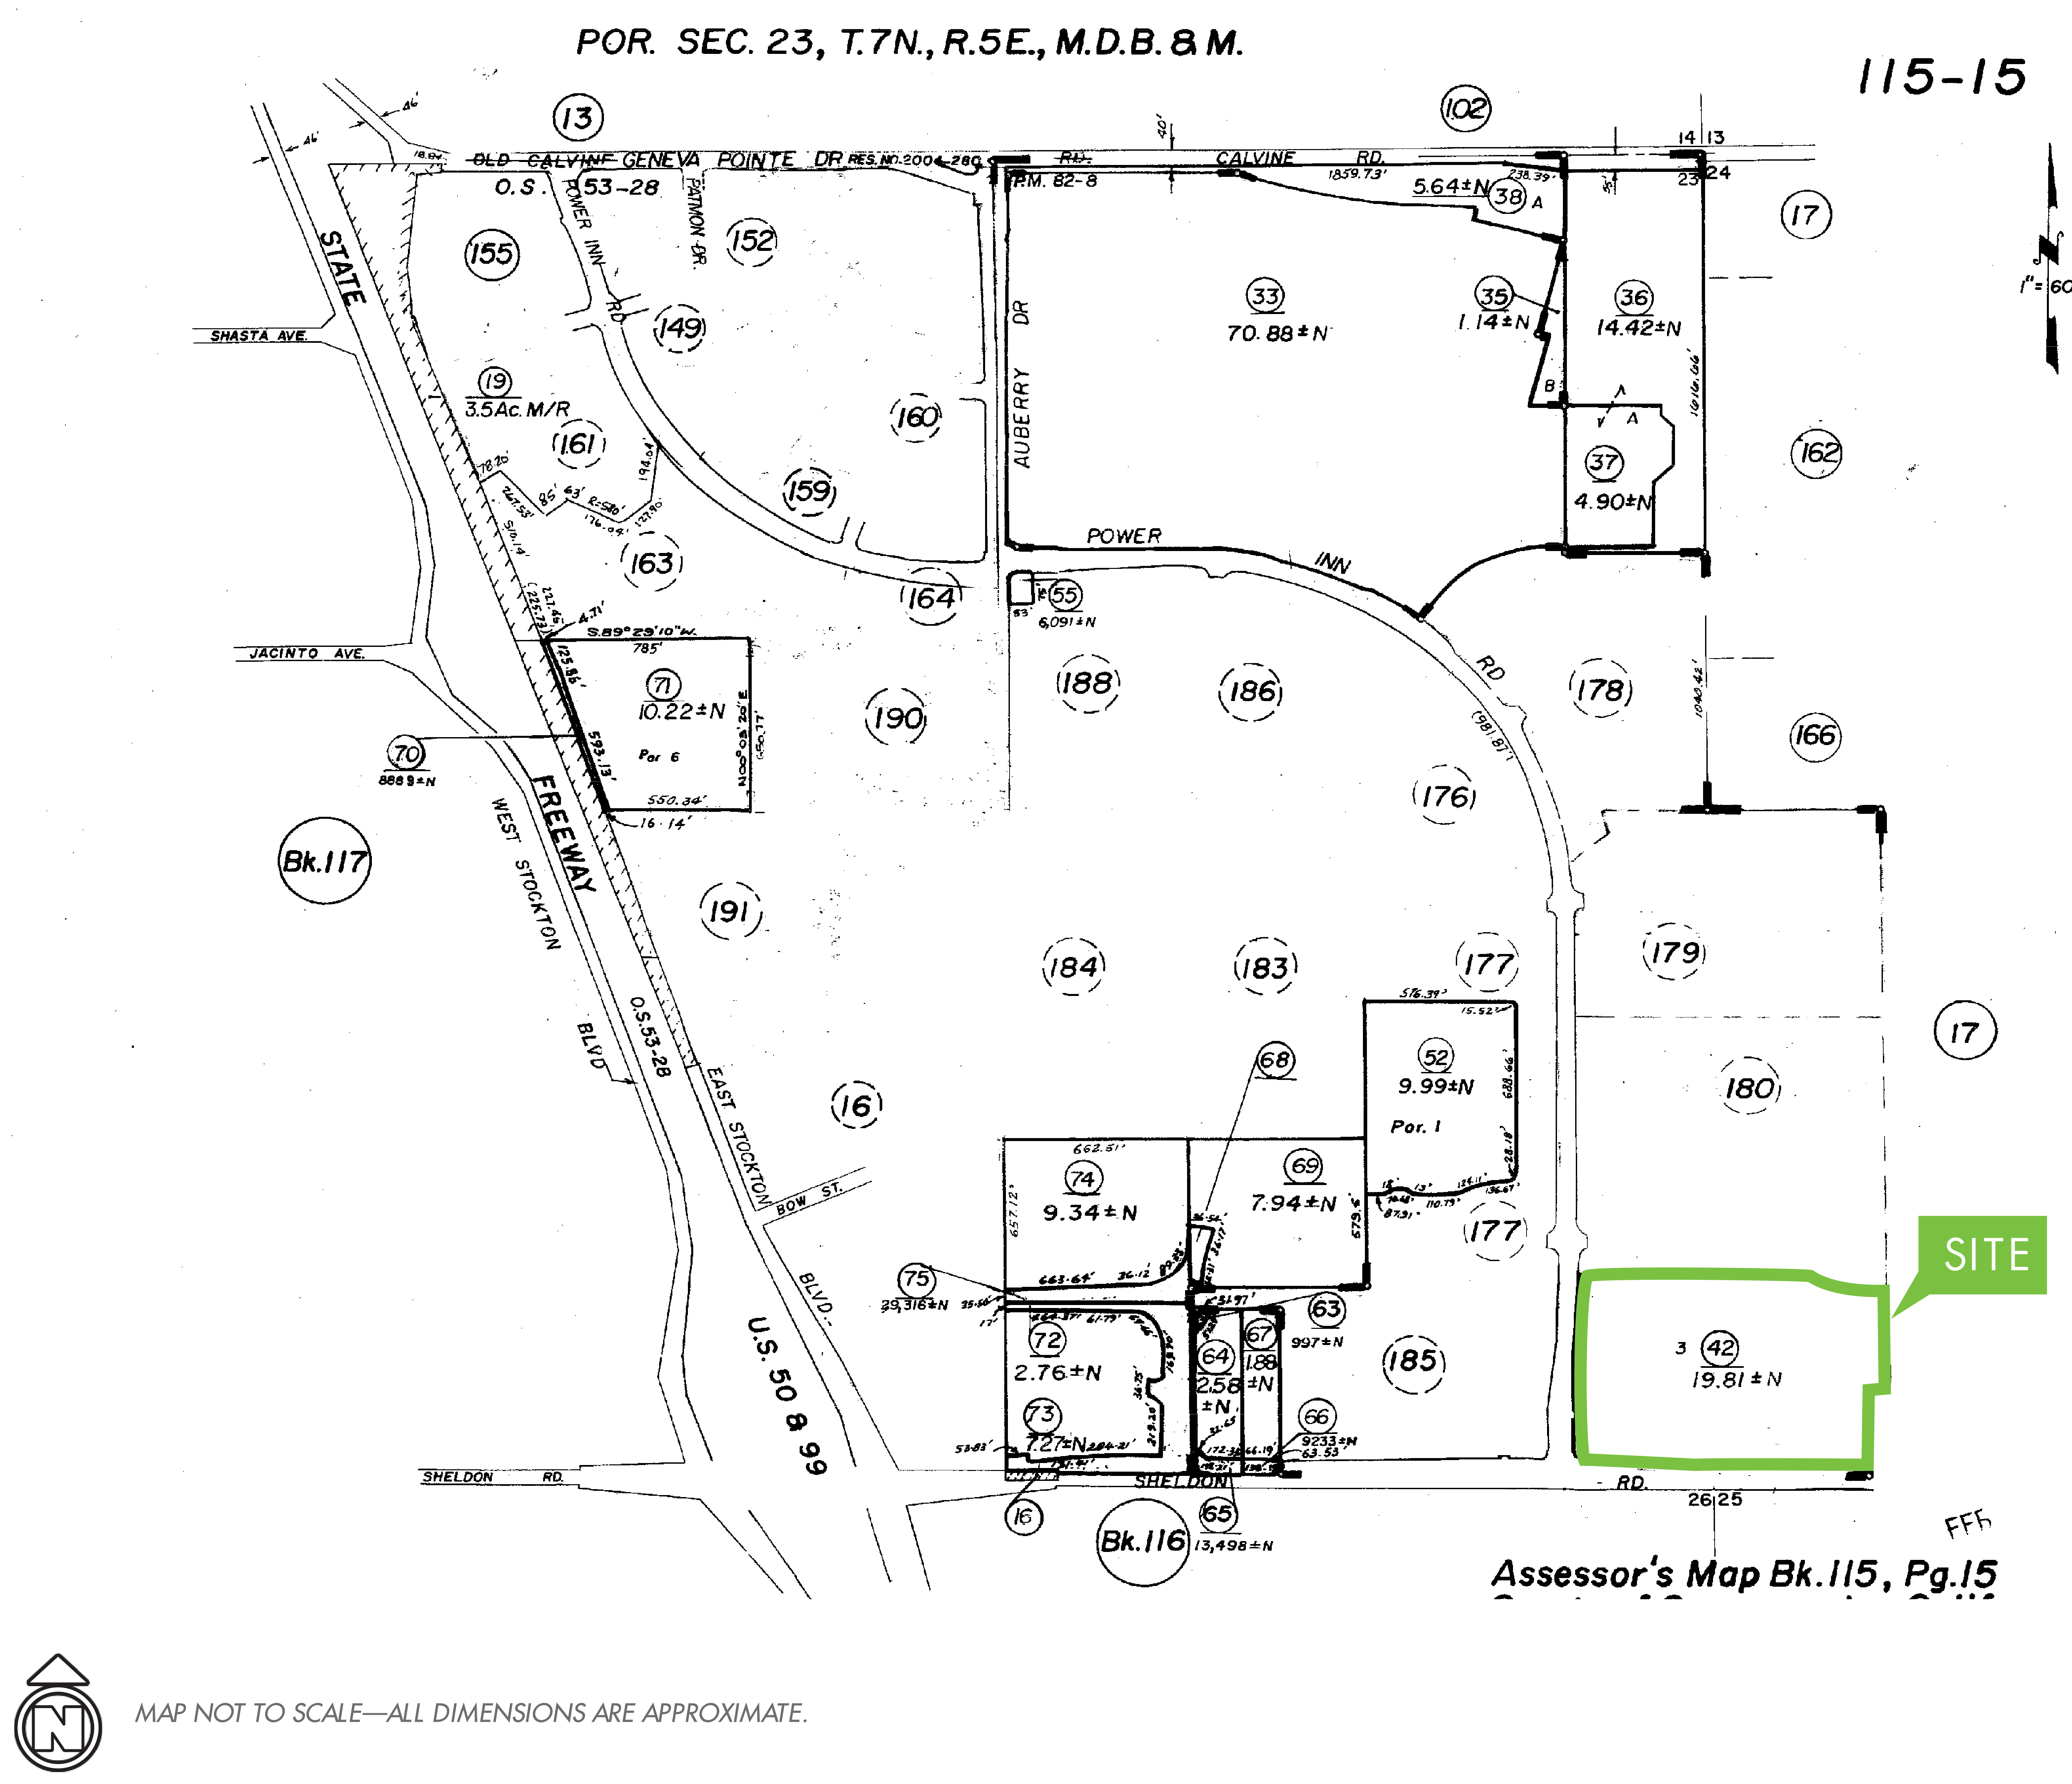 Commercial Land - Sheldon & Power Inn: site plan